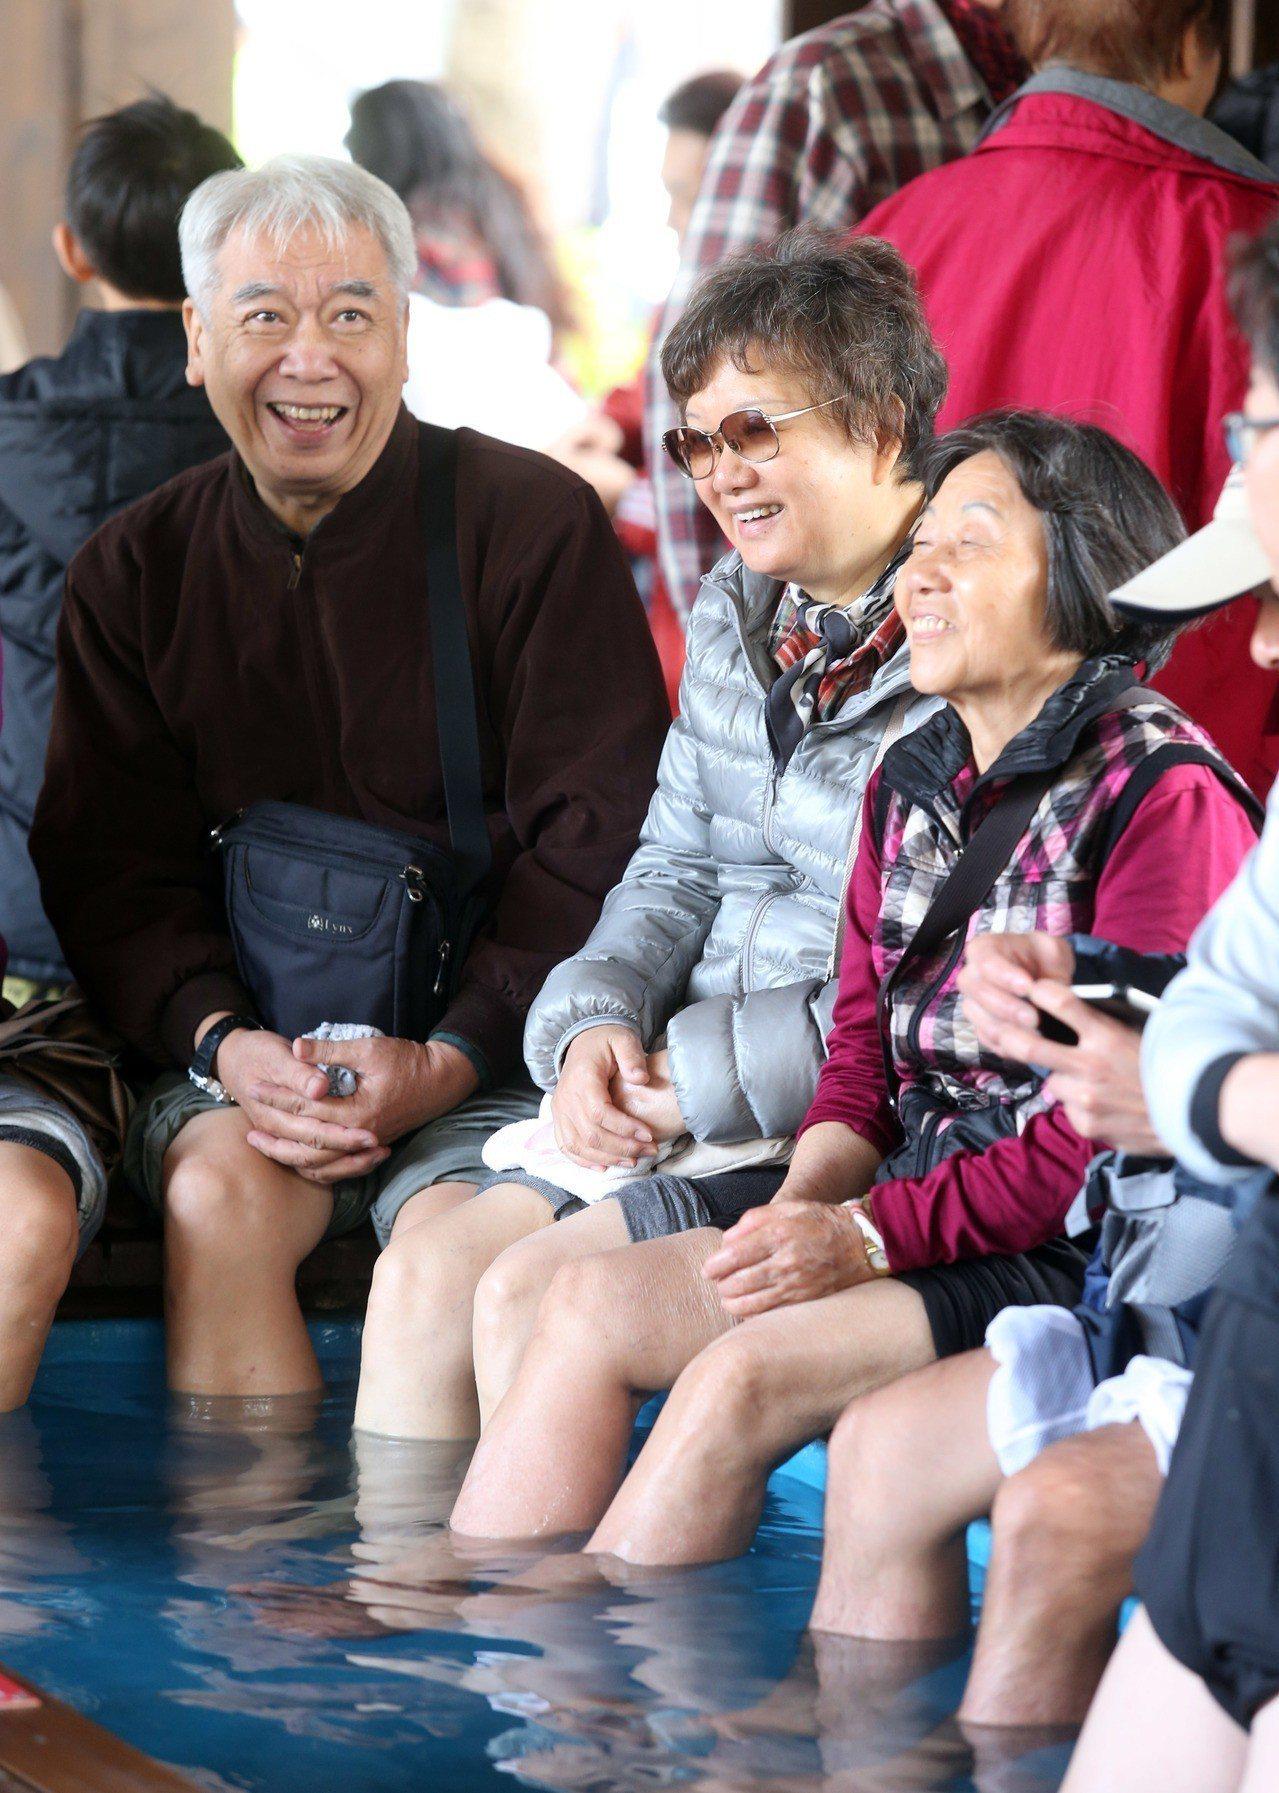 三五好友一起泡著暖呼呼的溫泉,享受假日時光,也是人生一大享受。圖/報系資料照